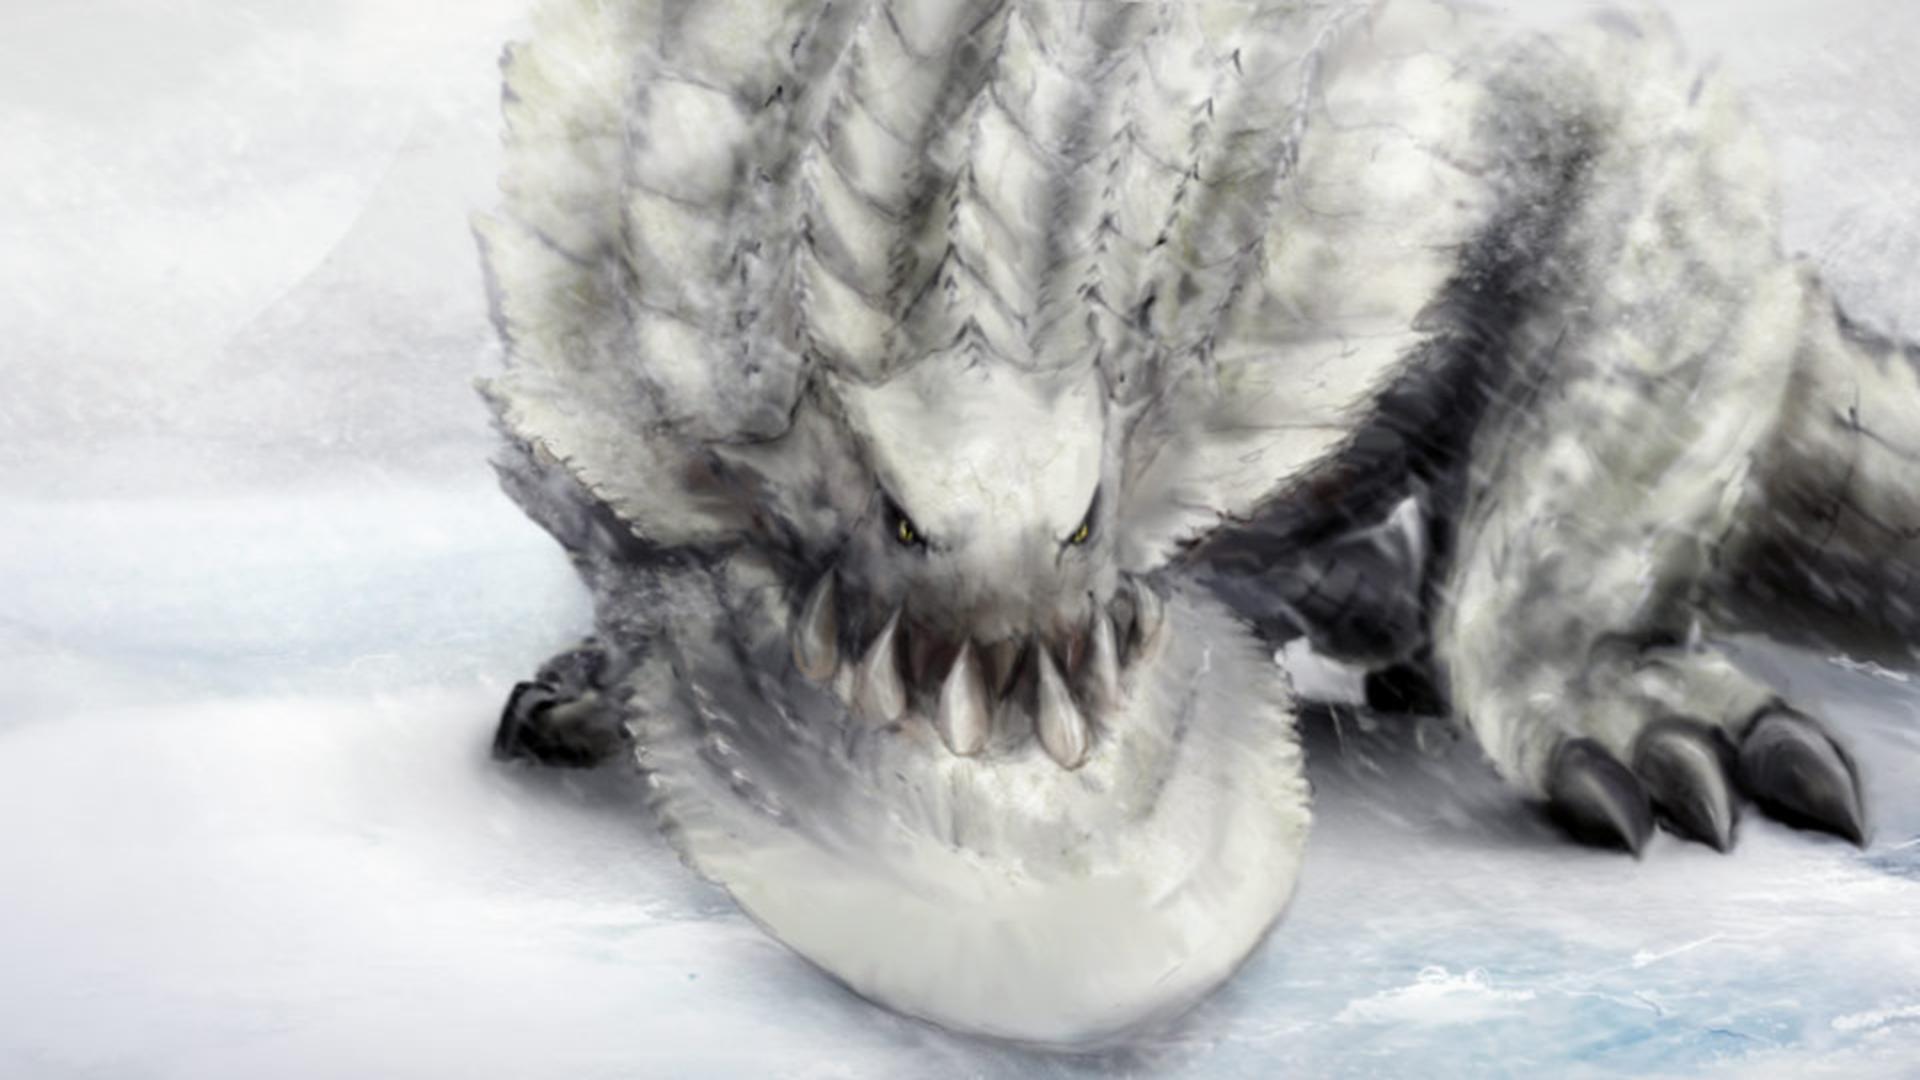 monster hunter wallpaper full hd